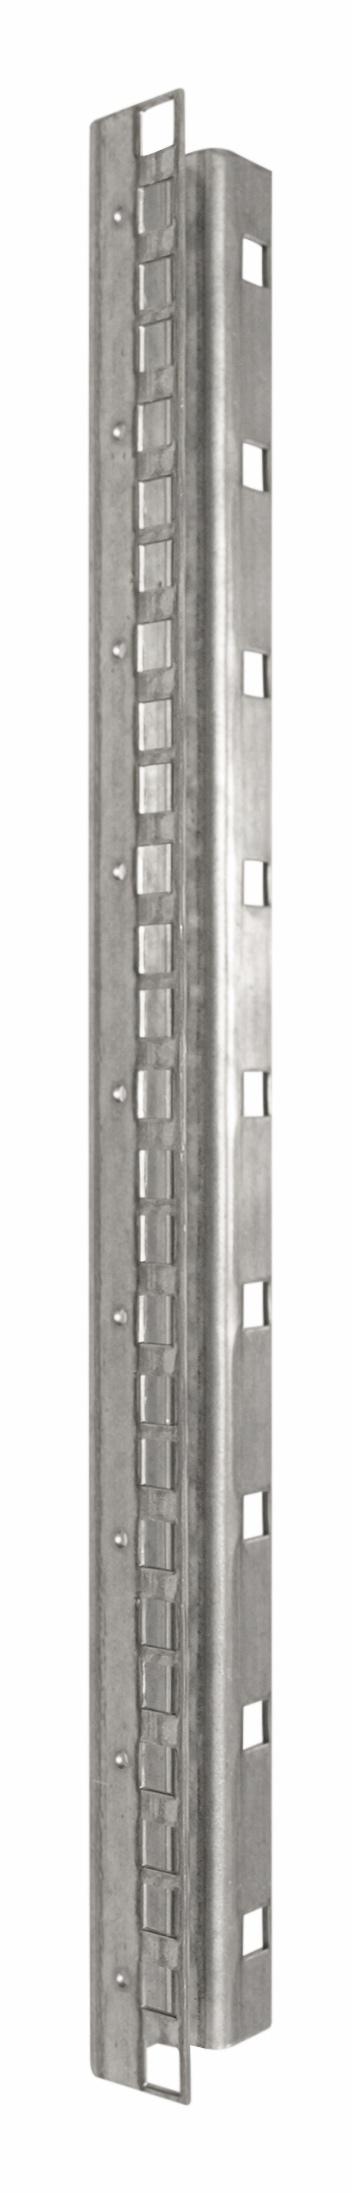 1 Stk 19 Profilschiene 22HE für DS-, DSZ- und DSI-Schränke DSPROF22--